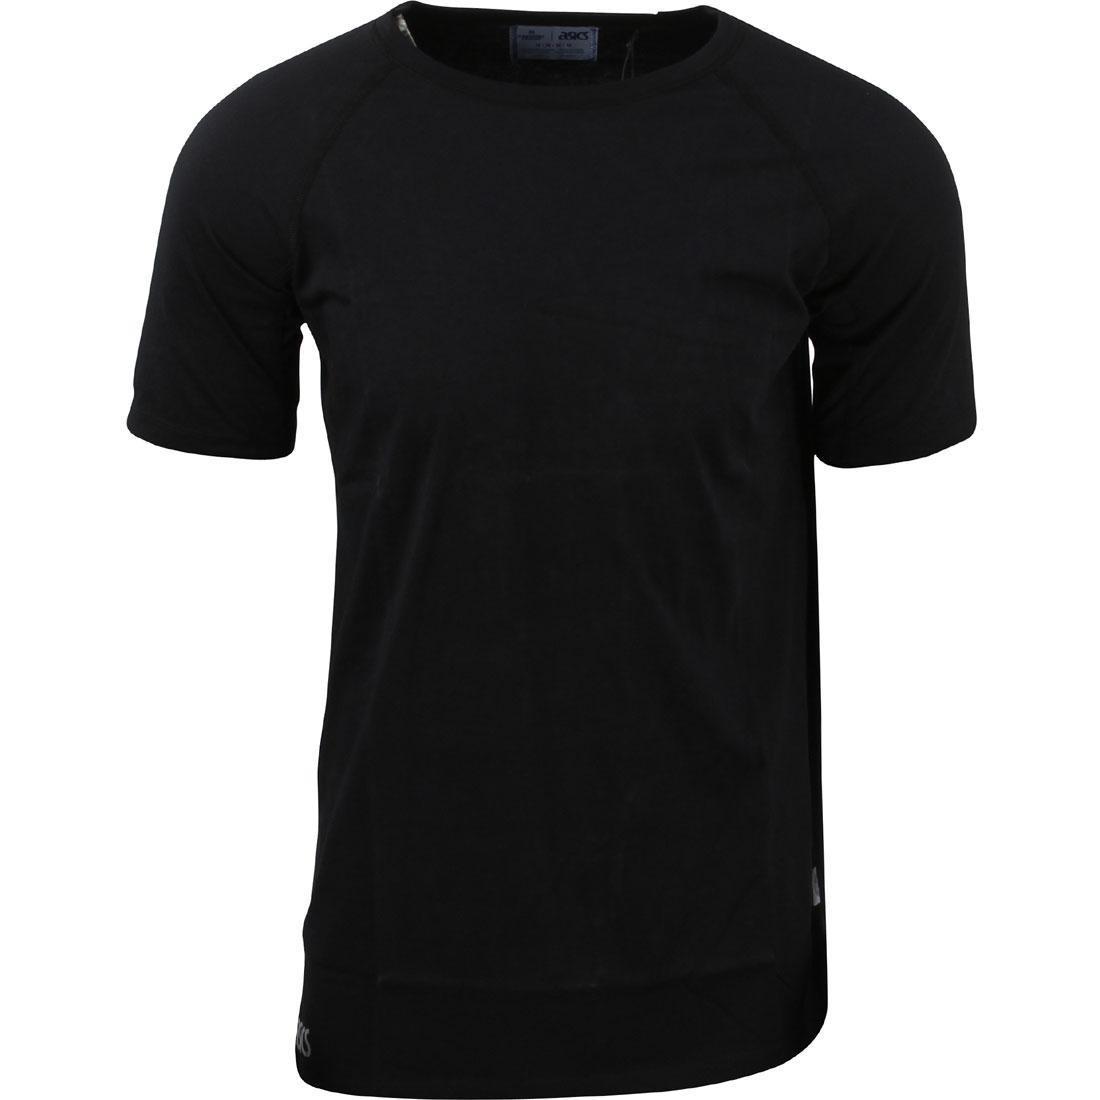 アシックスタイガー ASICS TIGER Tシャツ メンズファッション トップス カットソー メンズ 【 X Reigning Champ Men Tee (black) 】 Black